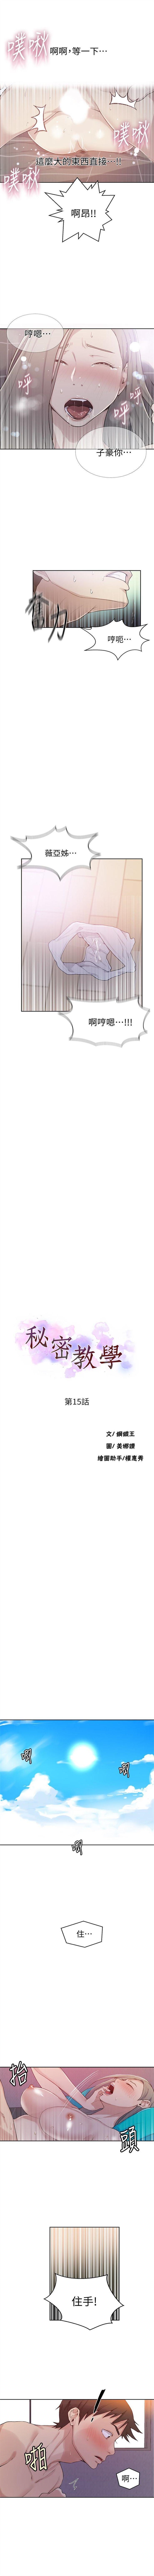 (週6)秘密教學  1-35 中文翻譯 (更新中) 107